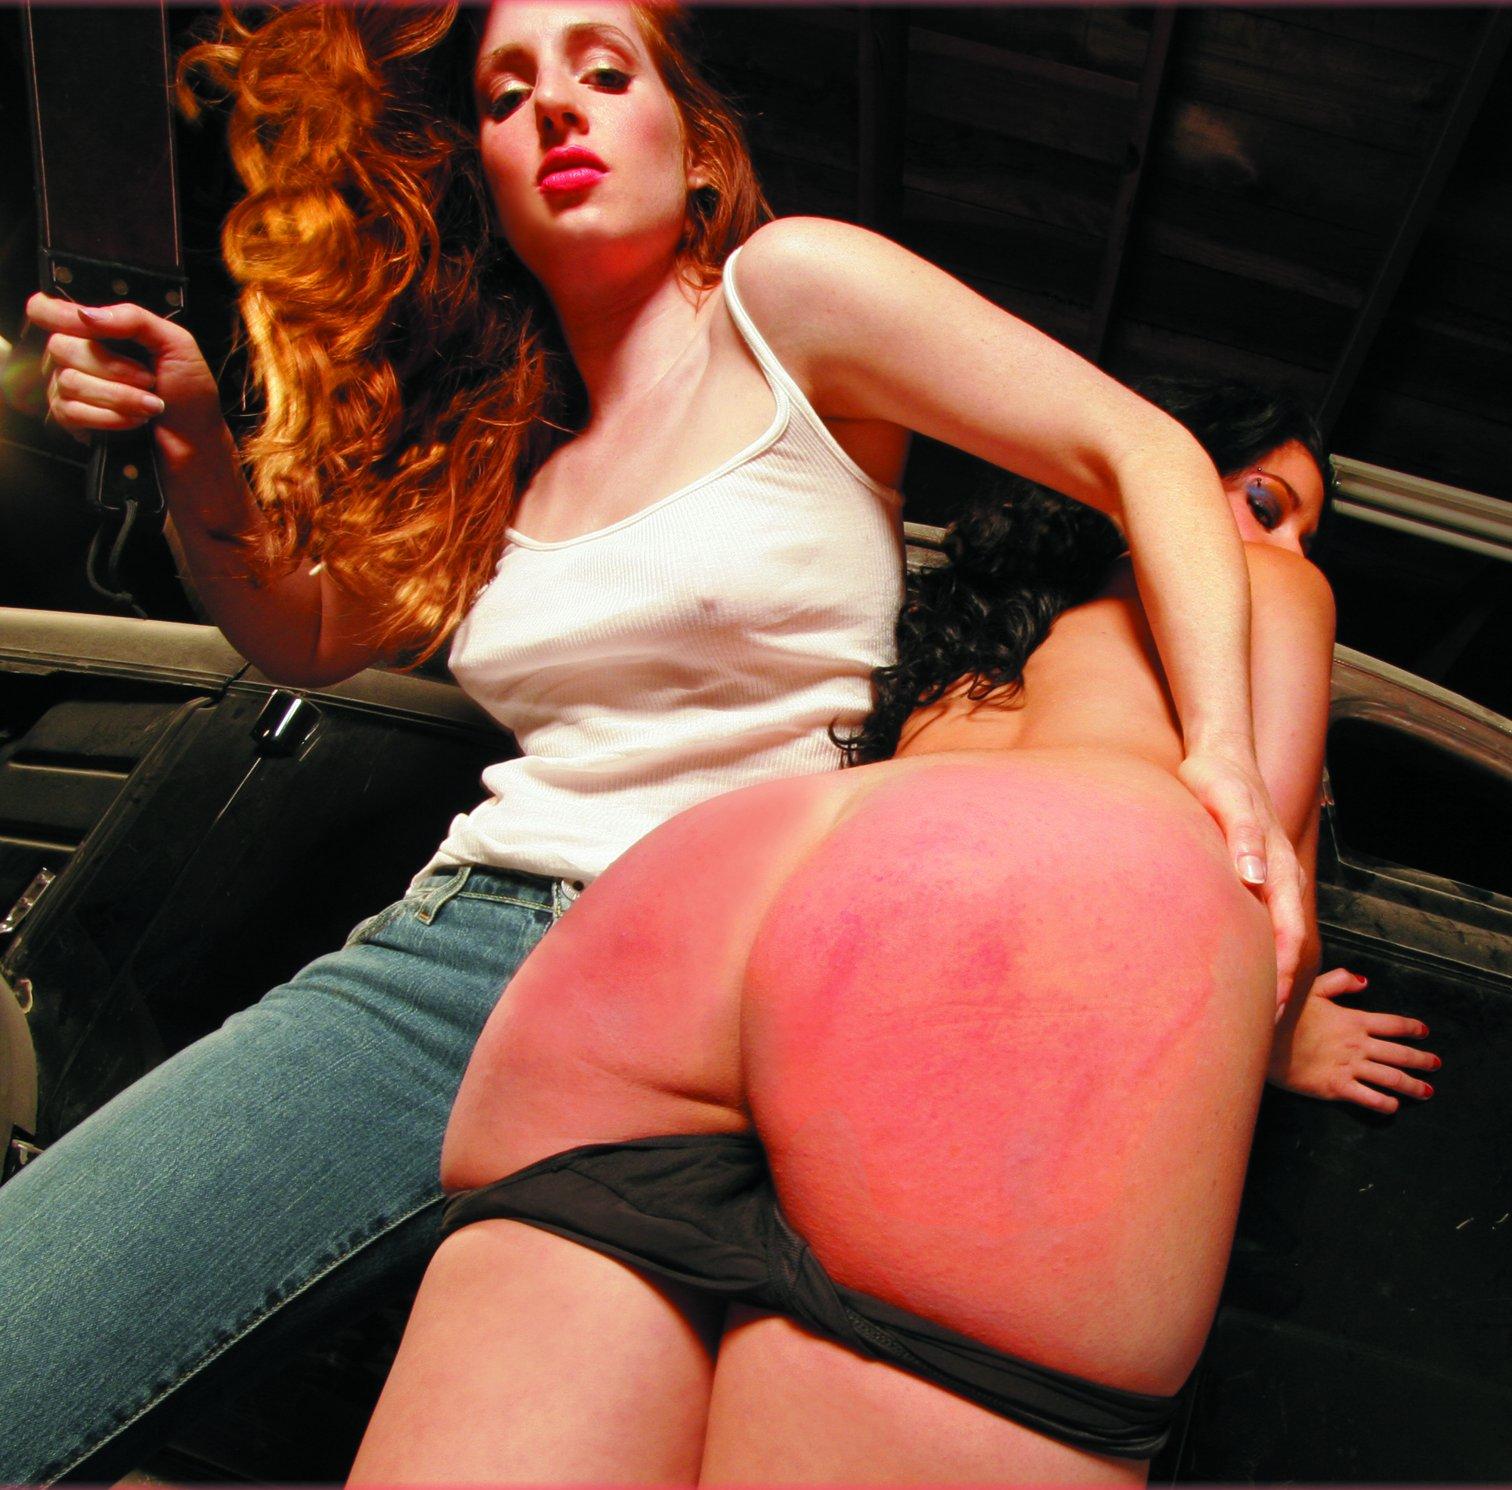 http://4.bp.blogspot.com/-xLTK3W_VhoY/TW3ubsWGU6I/AAAAAAAAAfo/Bag_Al7-dYk/s1600/amberdawn2.jpg